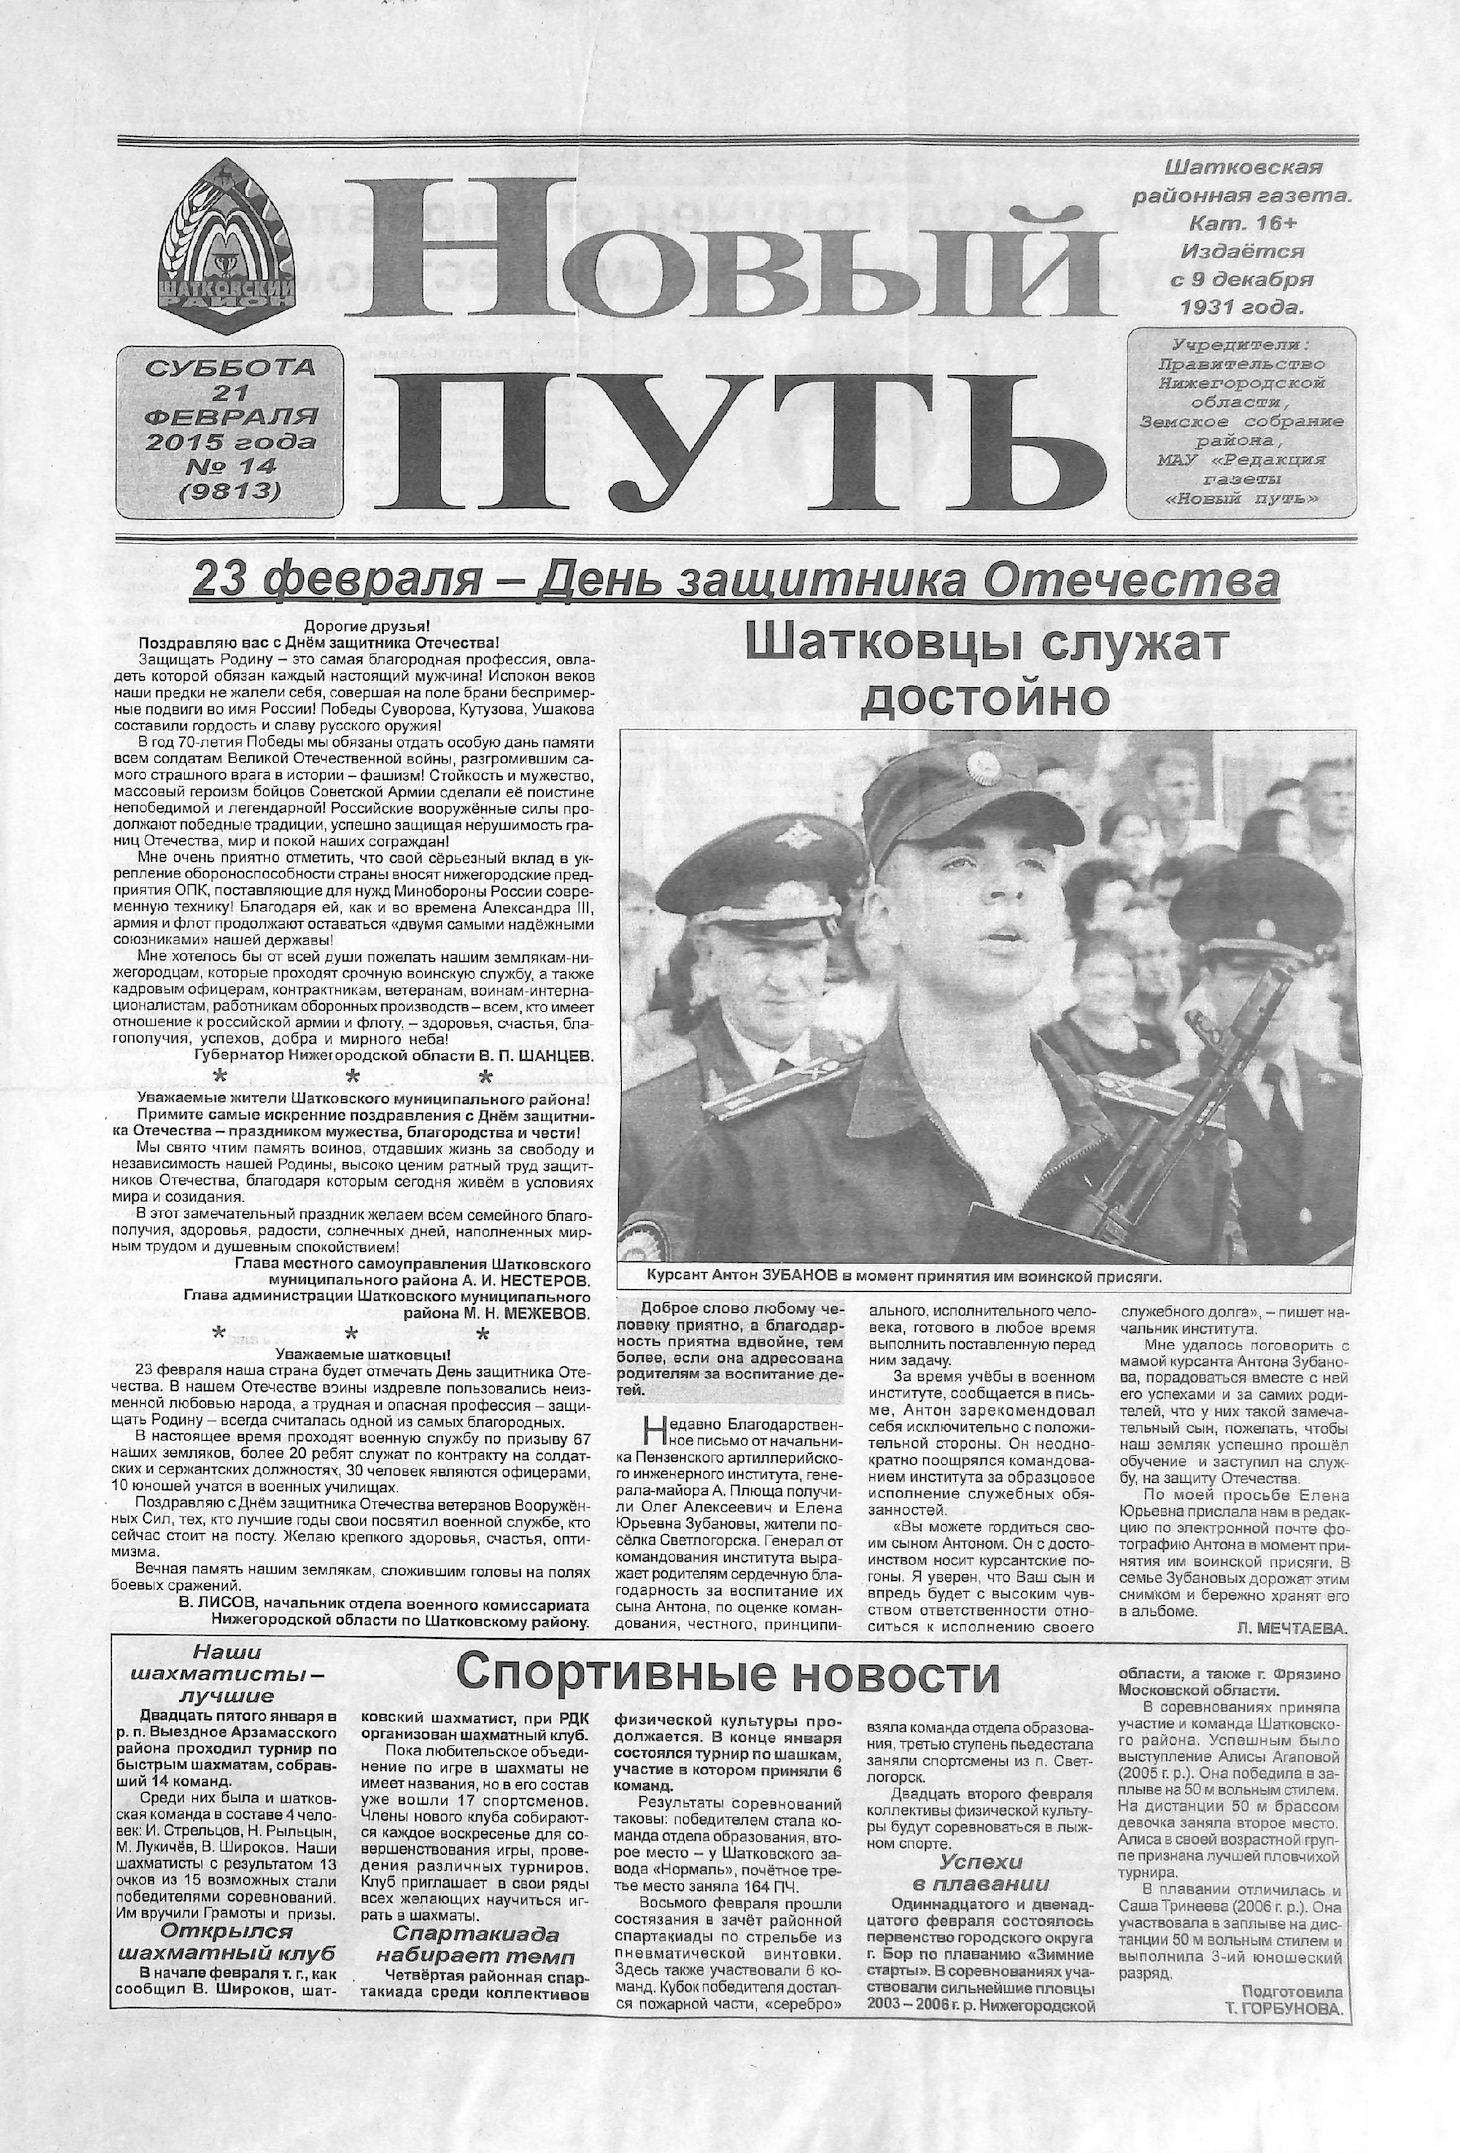 muzhchini-pokazivayut-lyubitelskoe-foto-ne-dlya-vseh-babi-russkoe-zhenshini